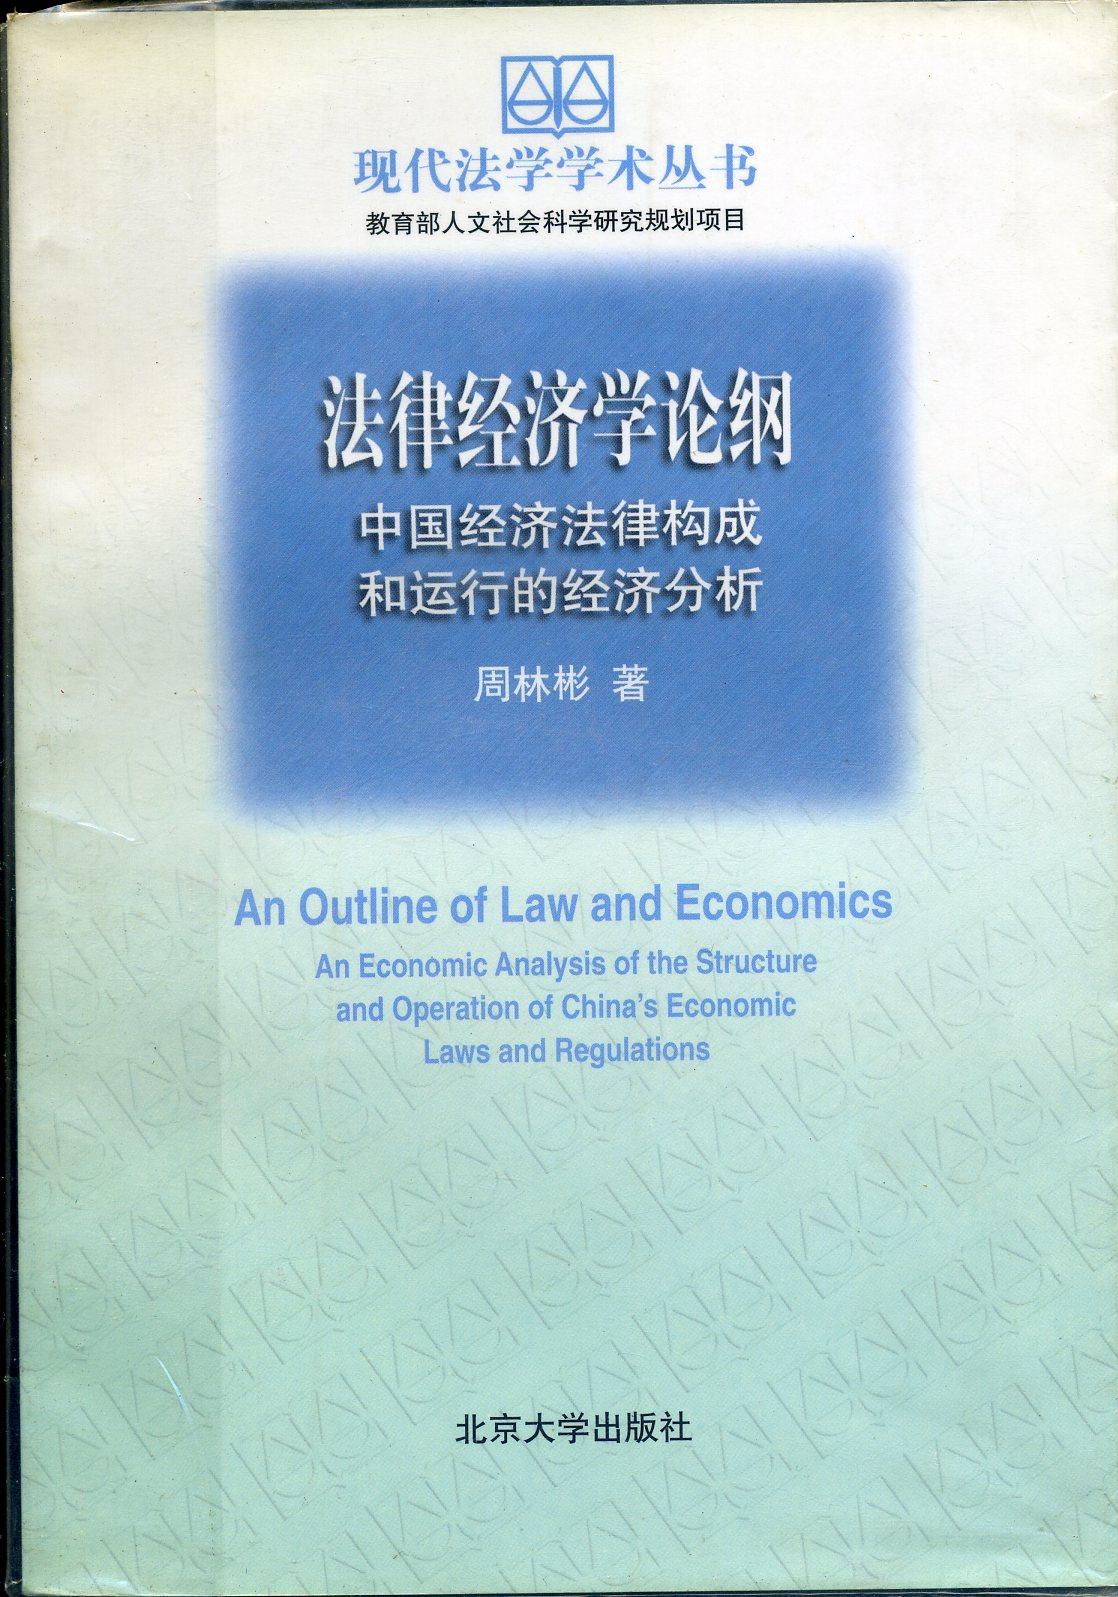 中国经济法律构成和运行的经济分析